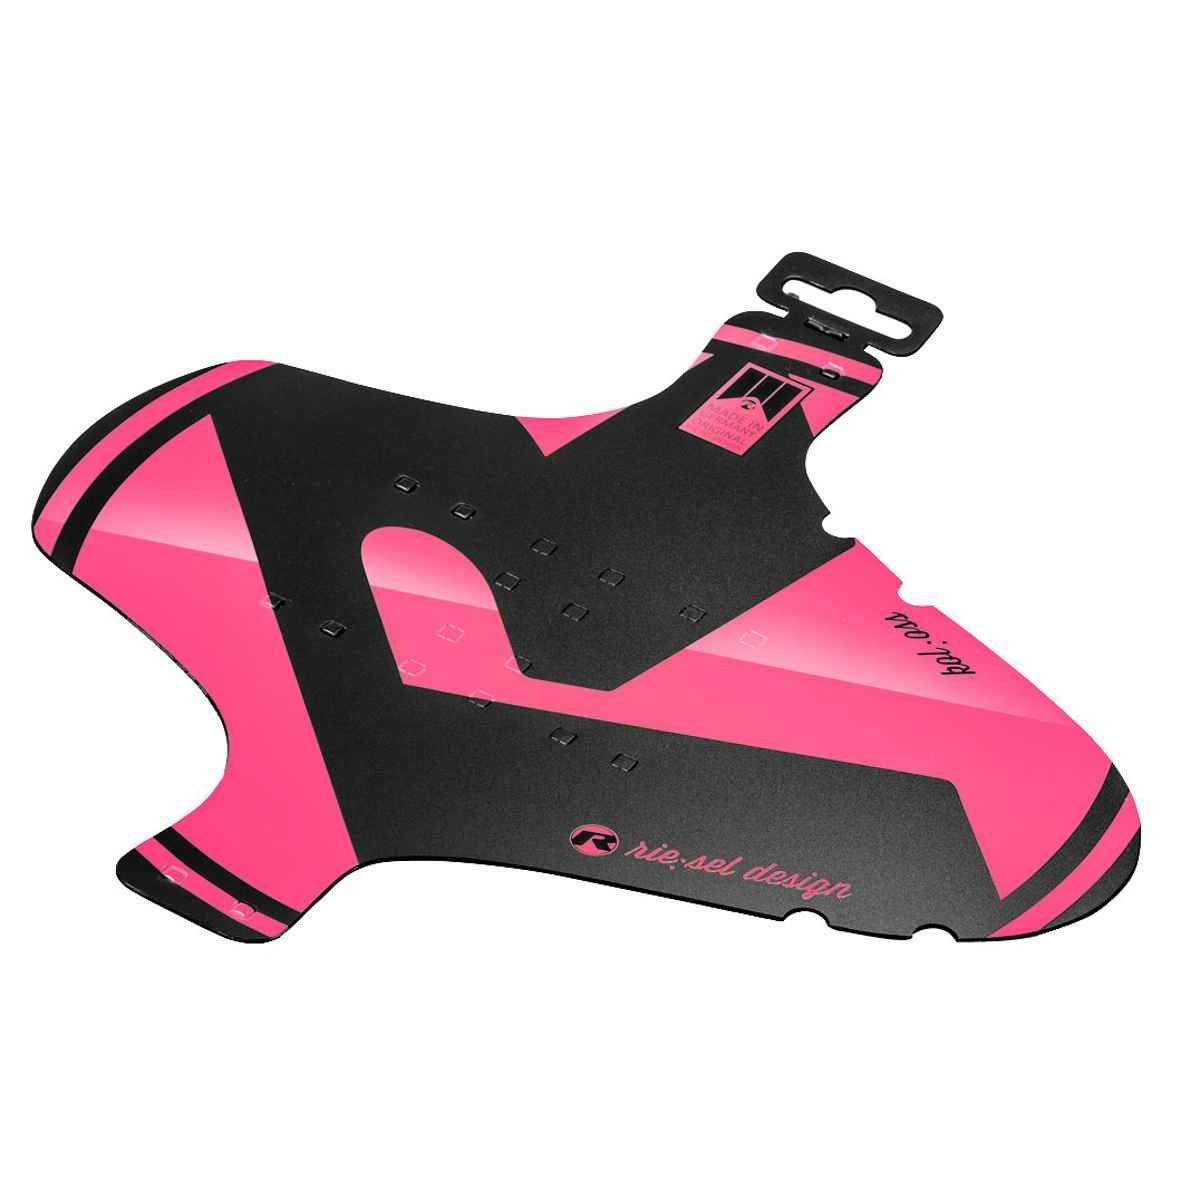 魅力的な Rie:Sel Plus Design Plus (+) サイズ フロントフェンダー; ピンク ピンク - FE-K016 B0776SXCDP B0776SXCDP, DEFF大きいサイズメンズ:c805c252 --- agiven.com